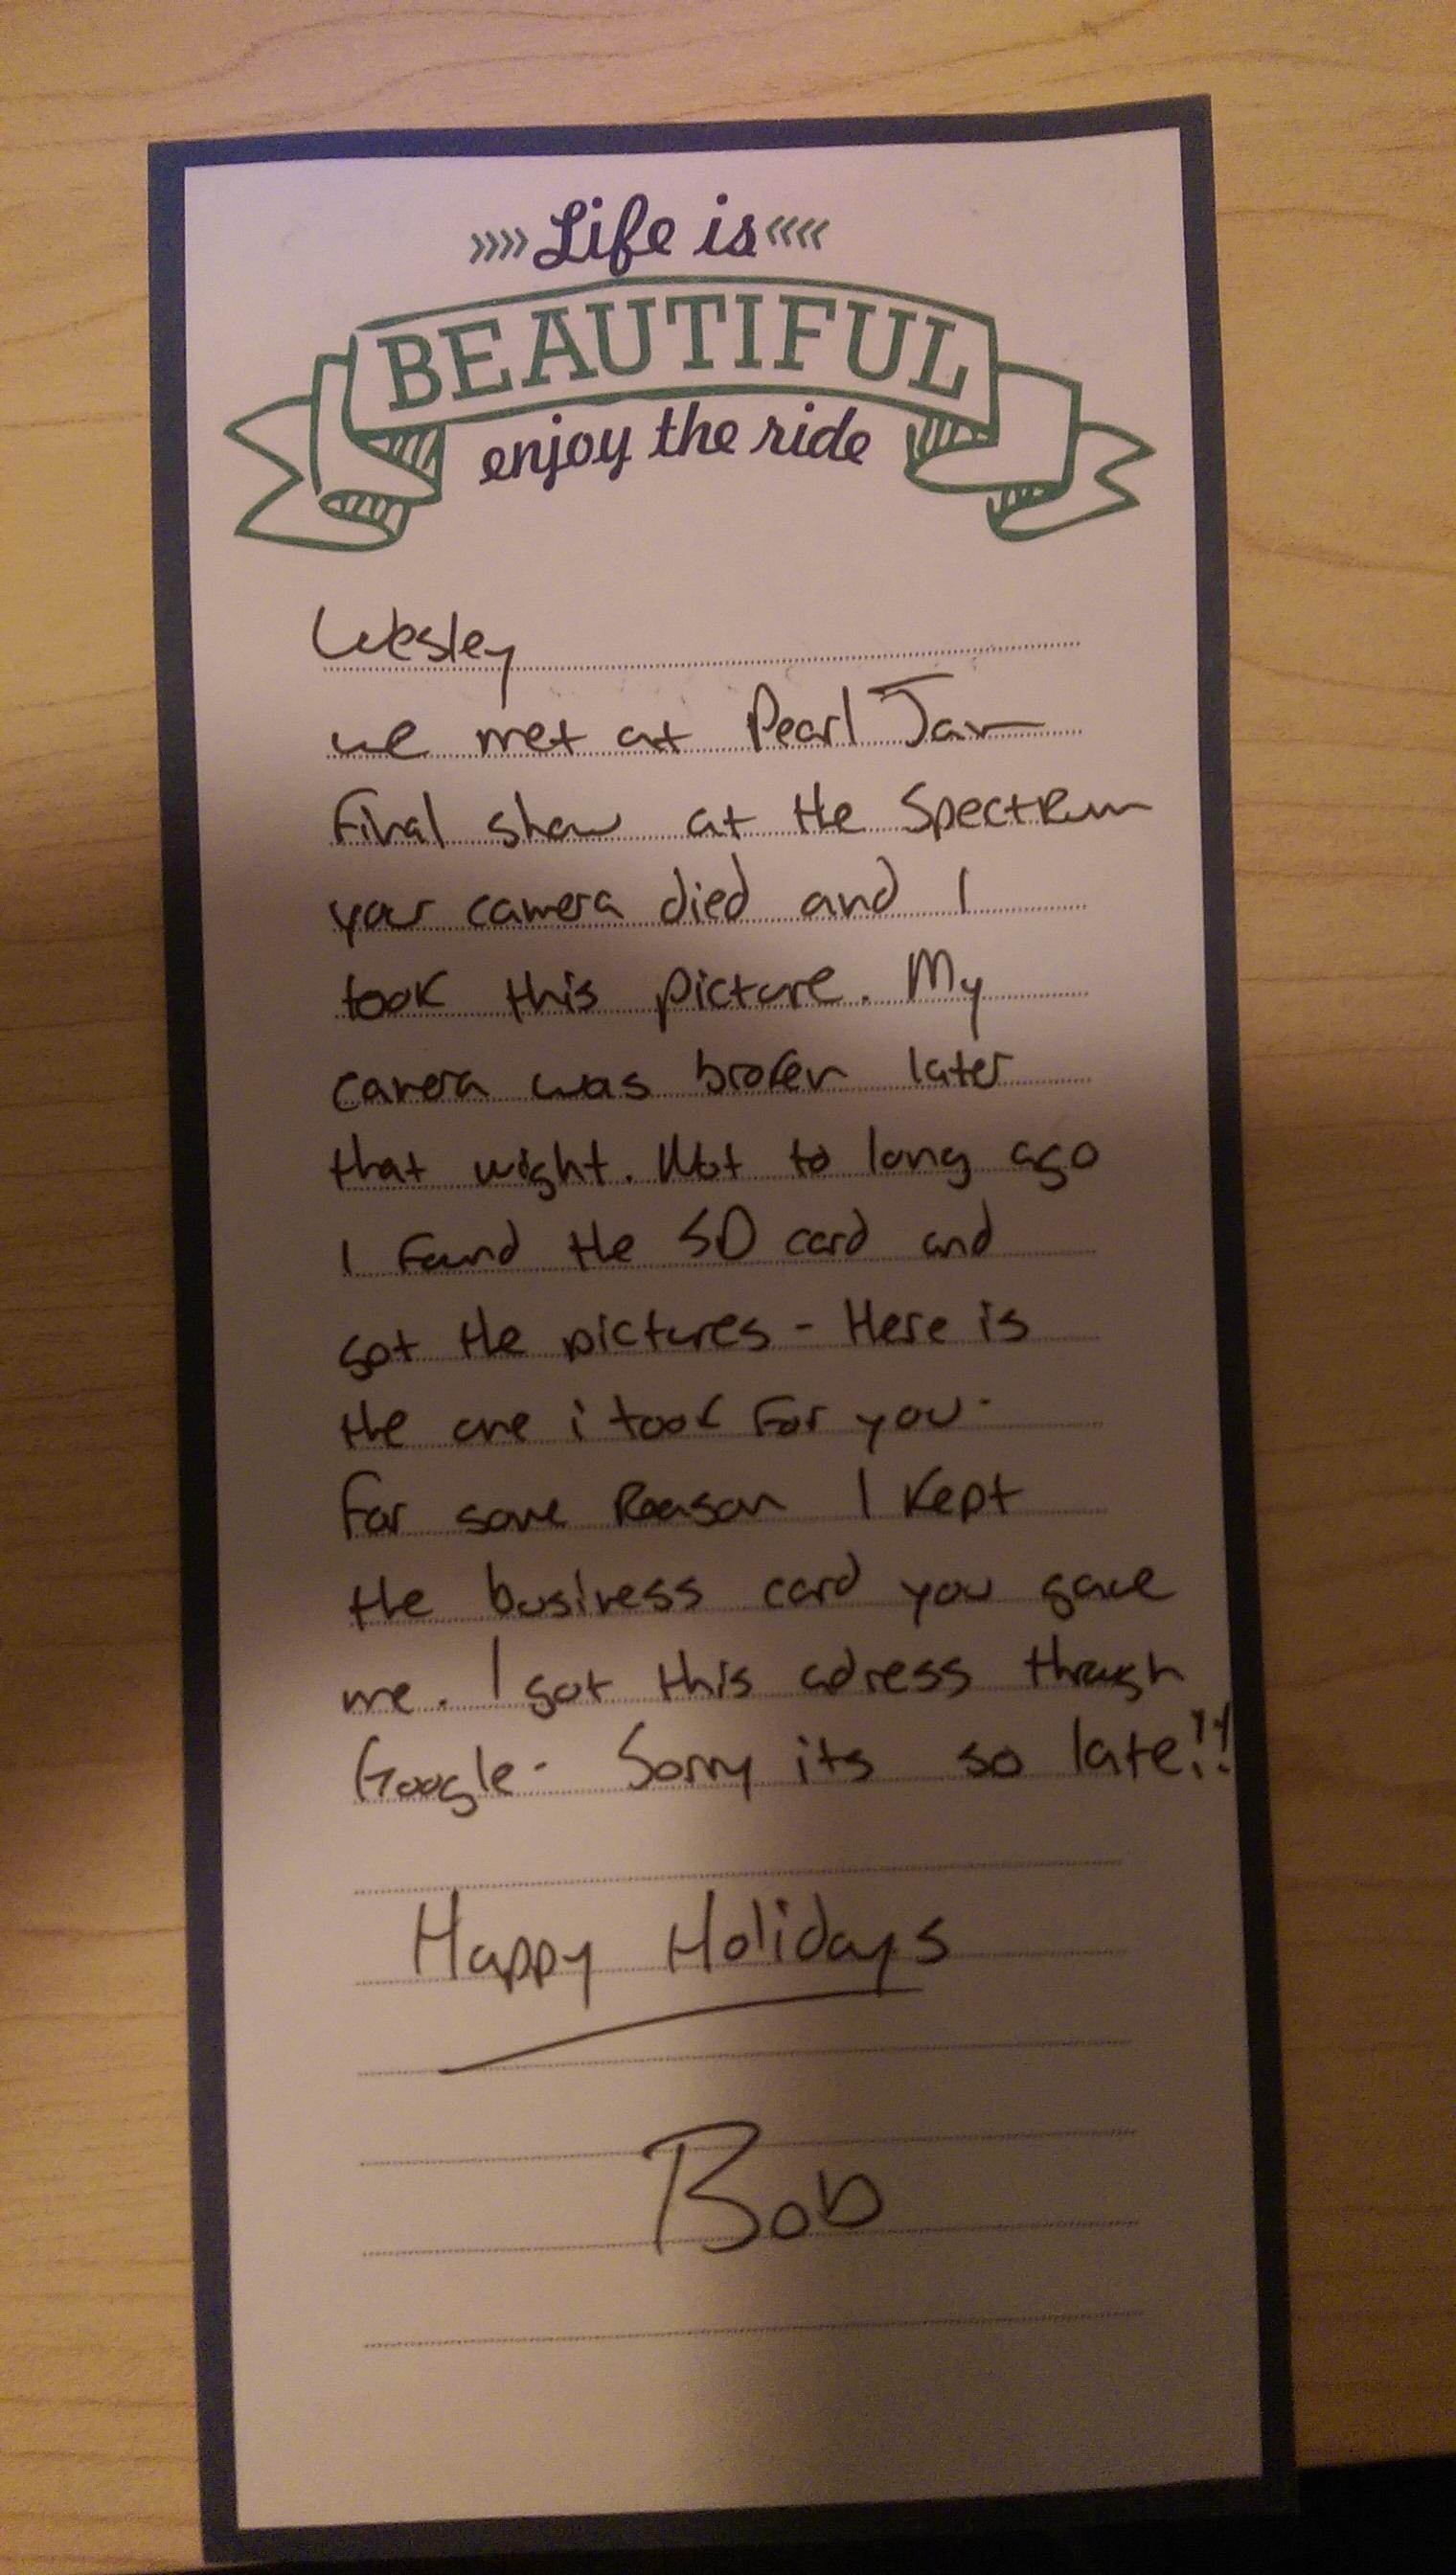 Short note from a fellow fan